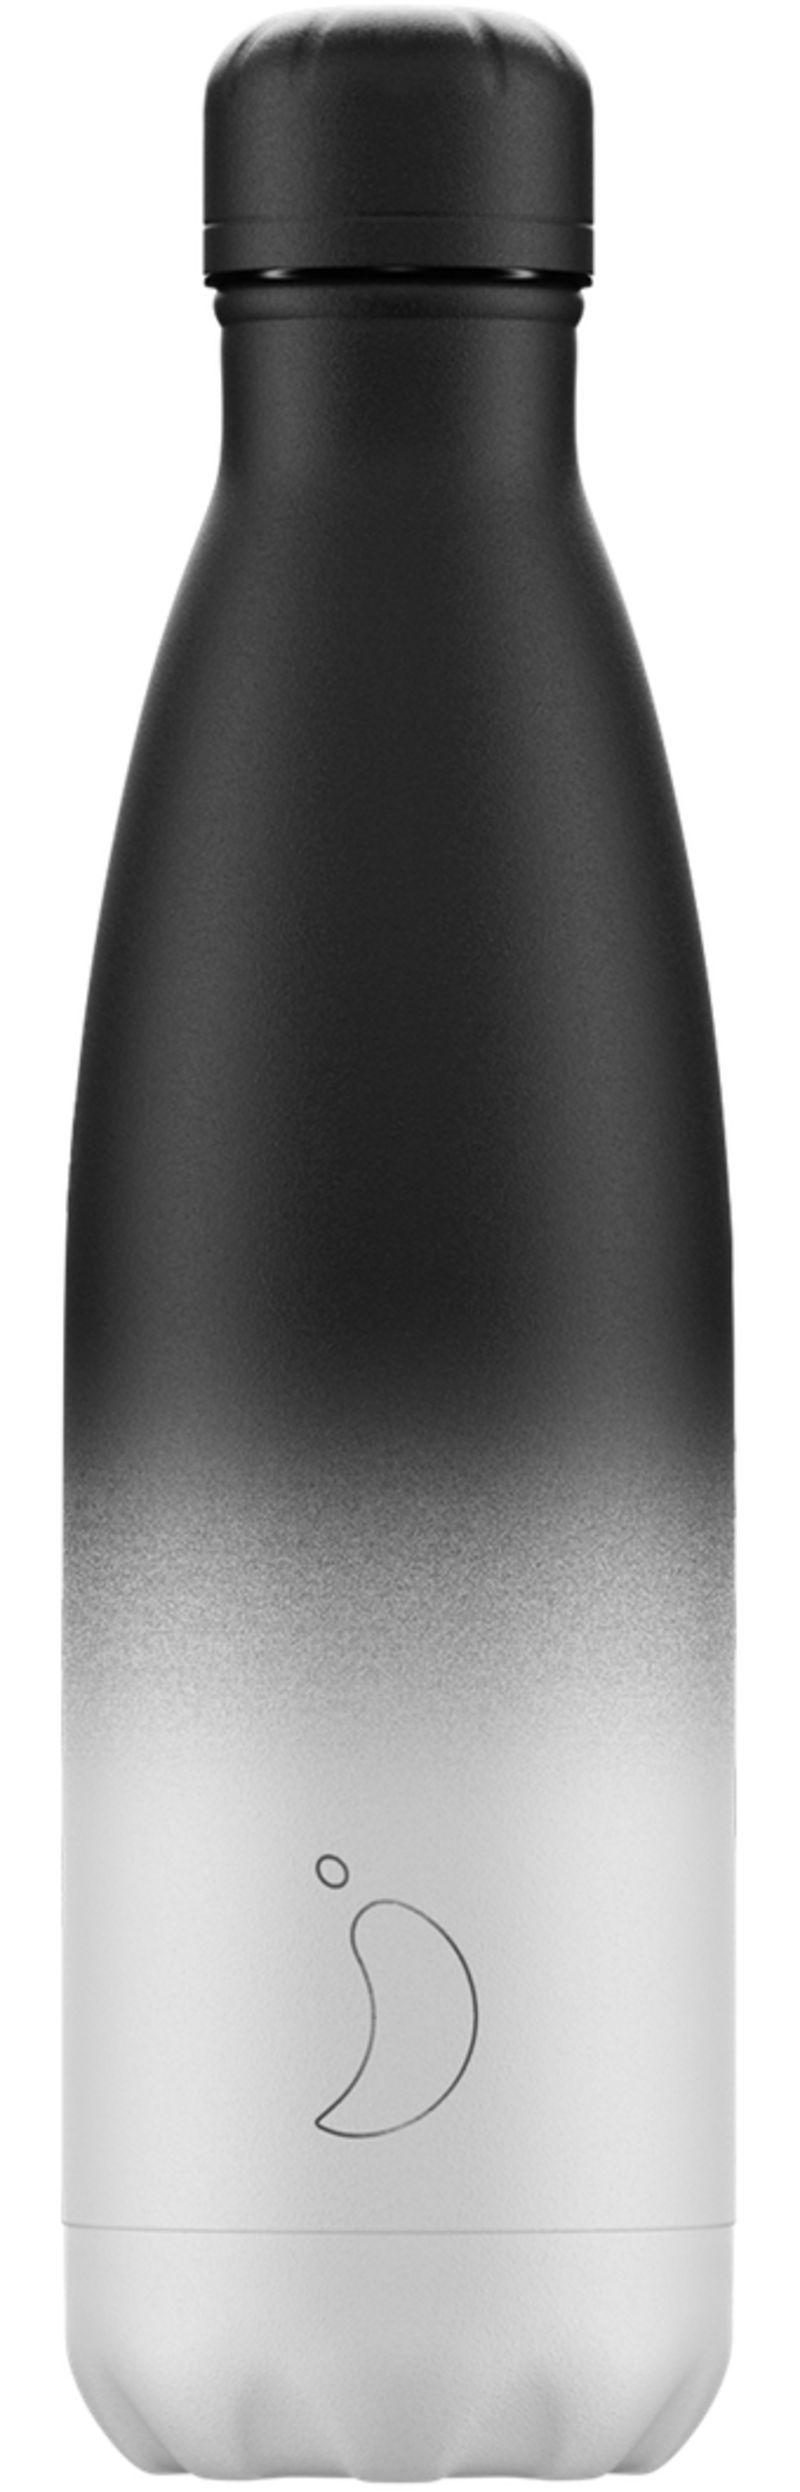 Botella Inox Gradient Blanca&negro 500ml -